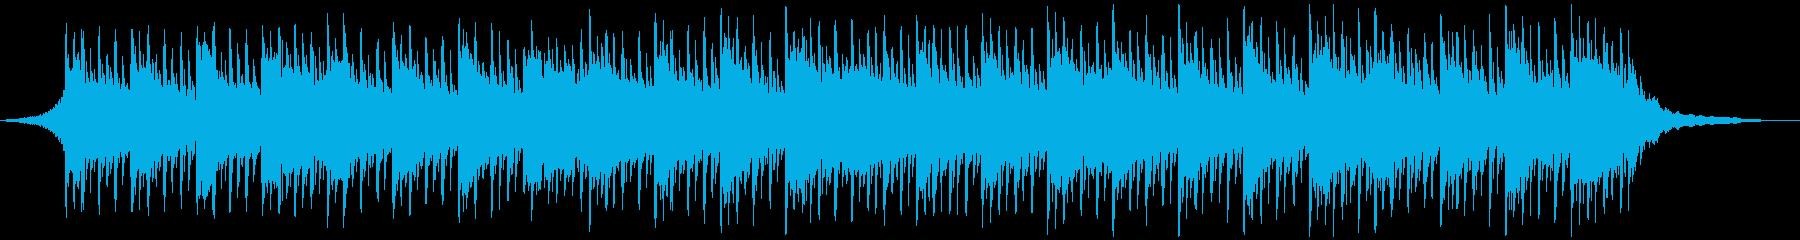 プレゼンテーションテクノロジー(60秒)の再生済みの波形